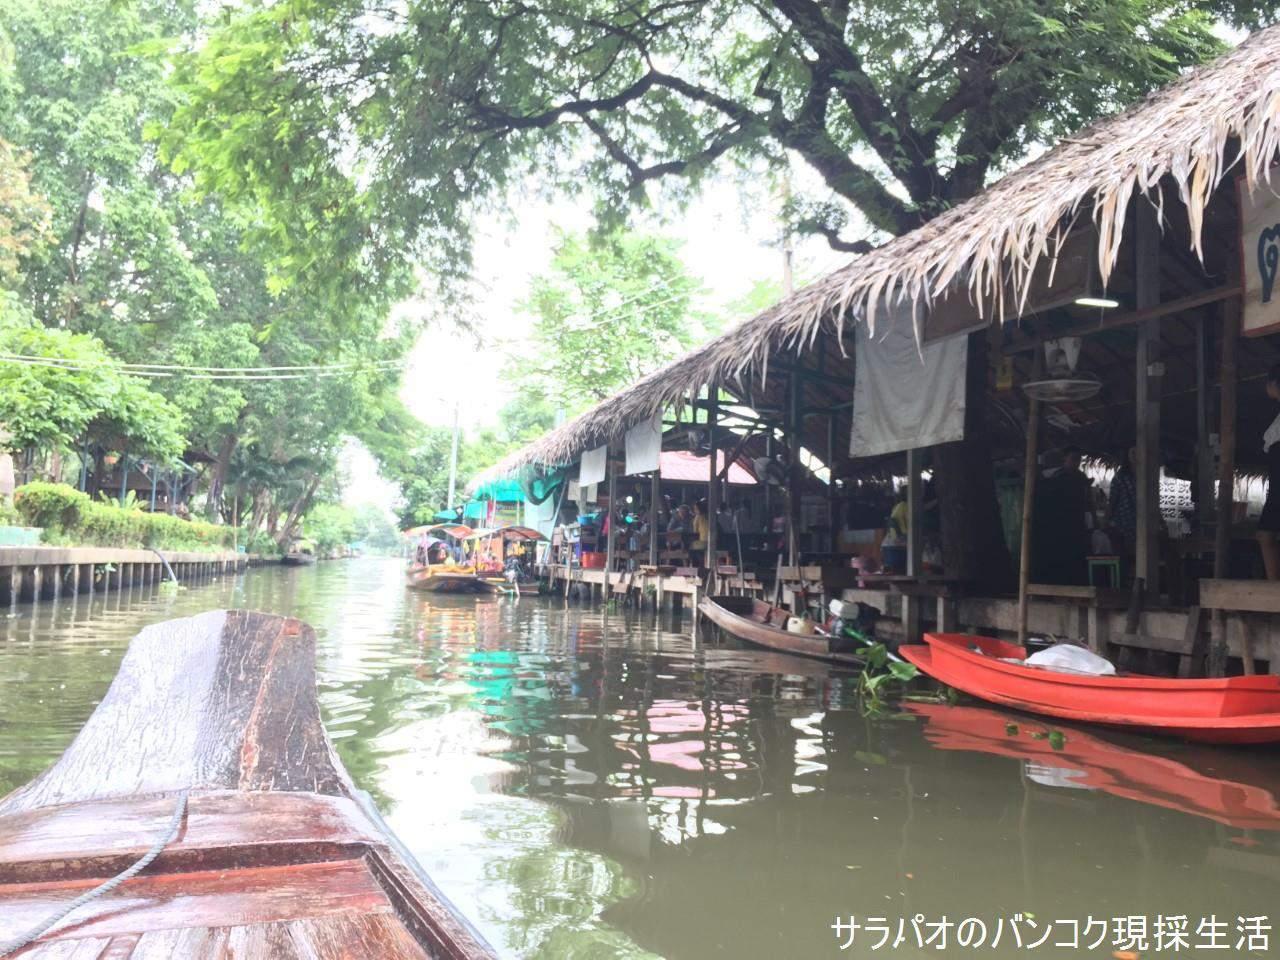 KhlongLatMaYomFloatingMarket_32.jpg